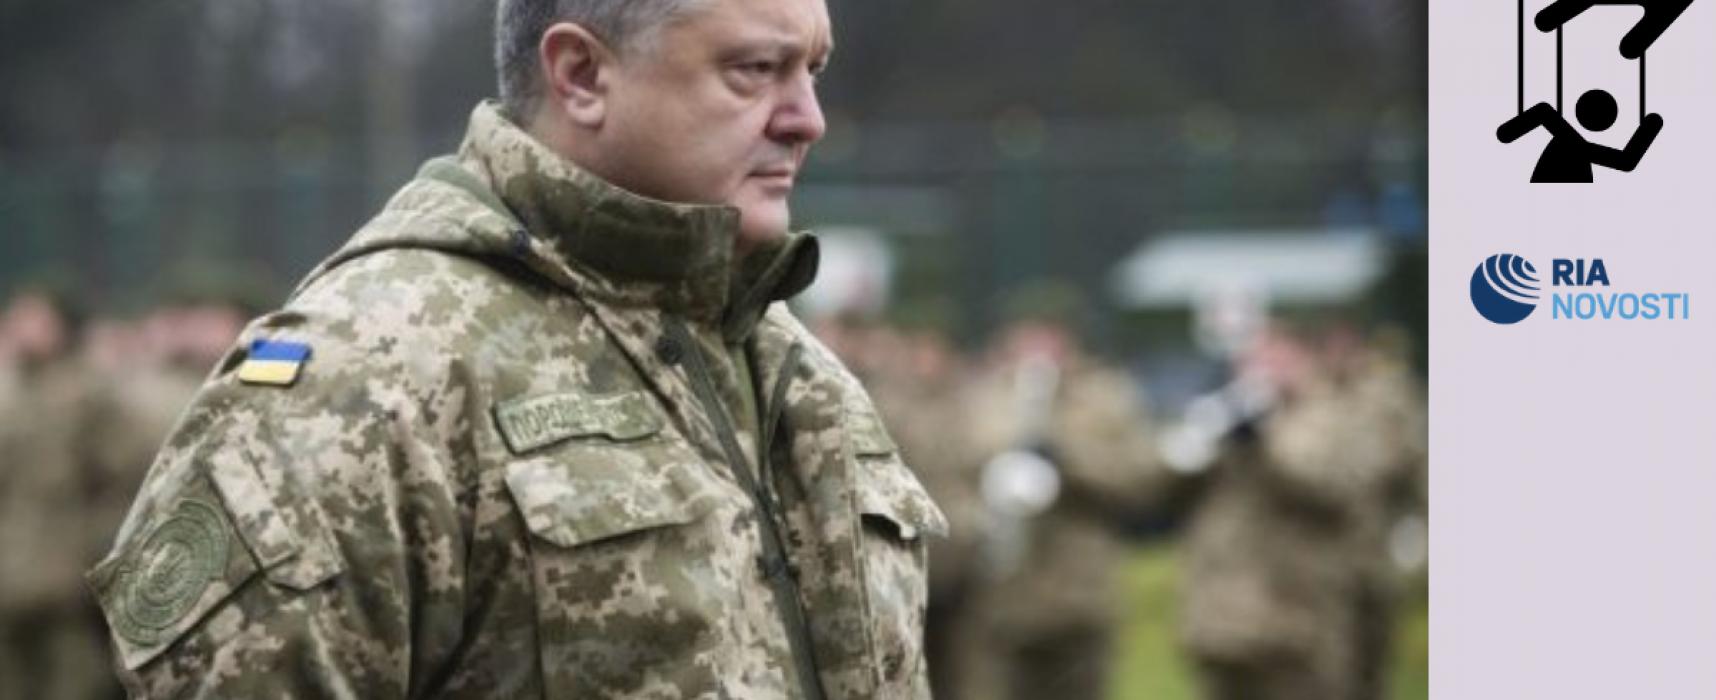 Manipulativ: Donbas-Krieg – Poroschenko befiehlt Feuer auf Feind zu eröffnen